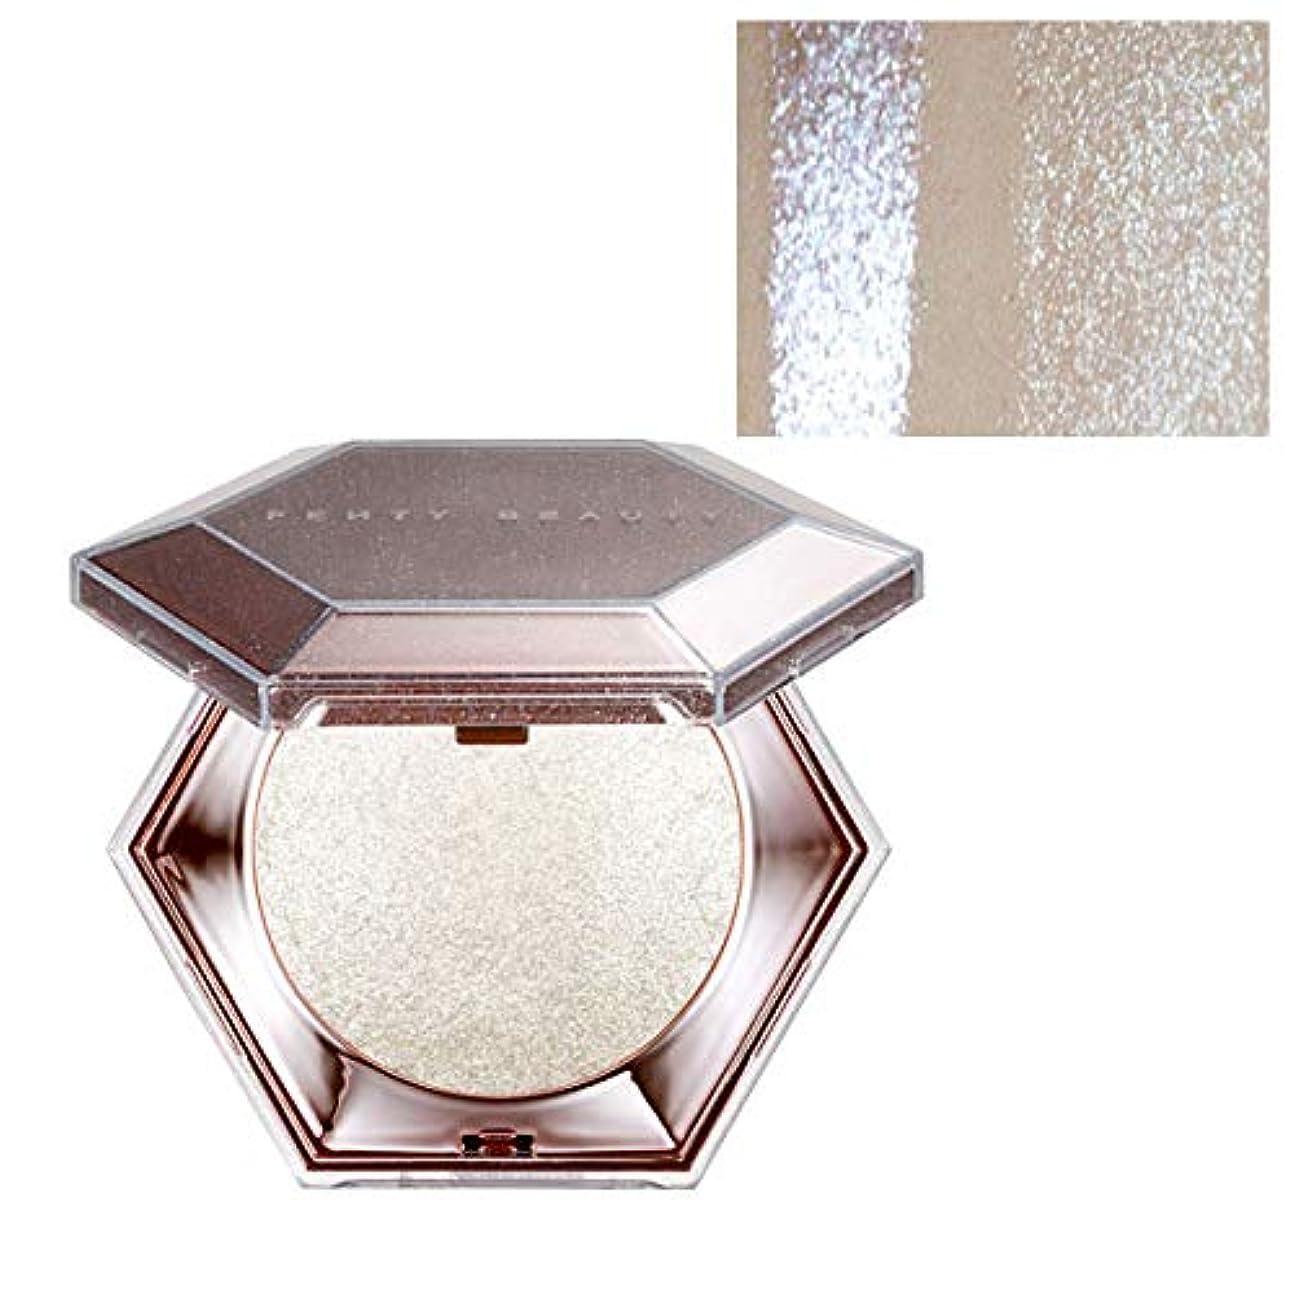 サミュエル中に懇願するFENTY BEAUTY BY RIHANNA Diamond Bomb All-Over Diamond Veil [海外直送品] [並行輸入品]